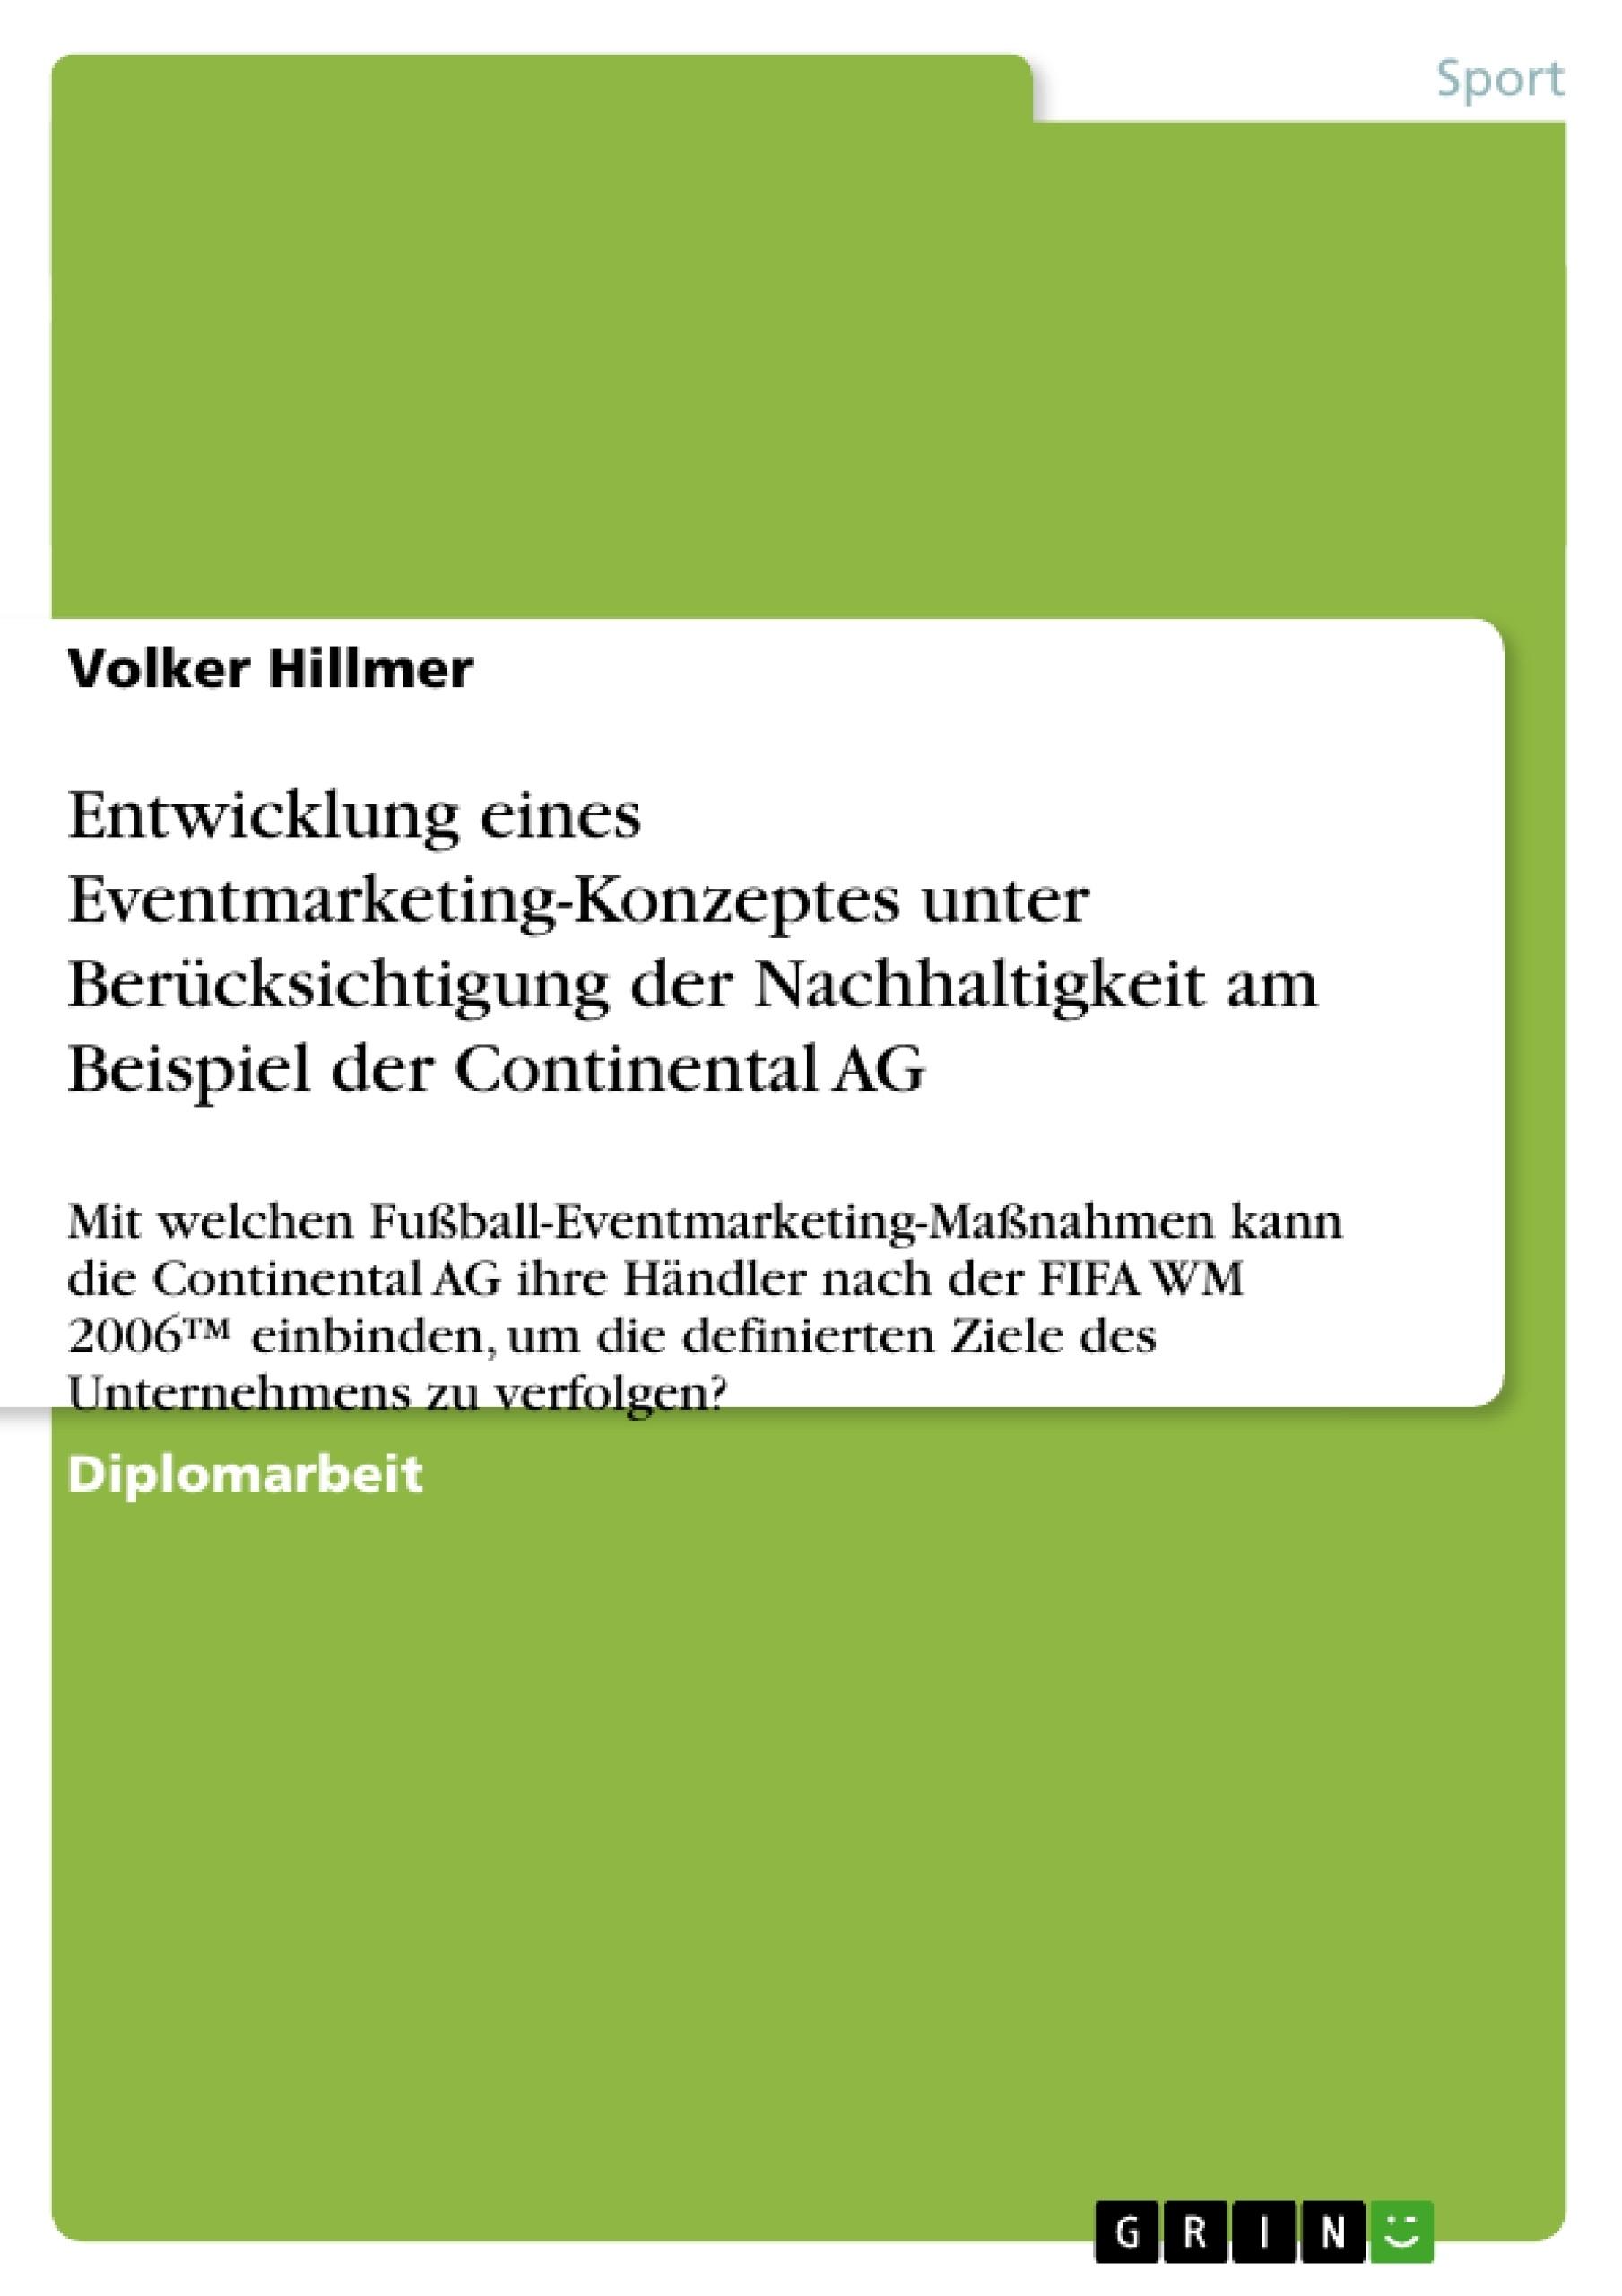 Titel: Entwicklung eines Eventmarketing-Konzeptes unter Berücksichtigung der Nachhaltigkeit am Beispiel der Continental AG